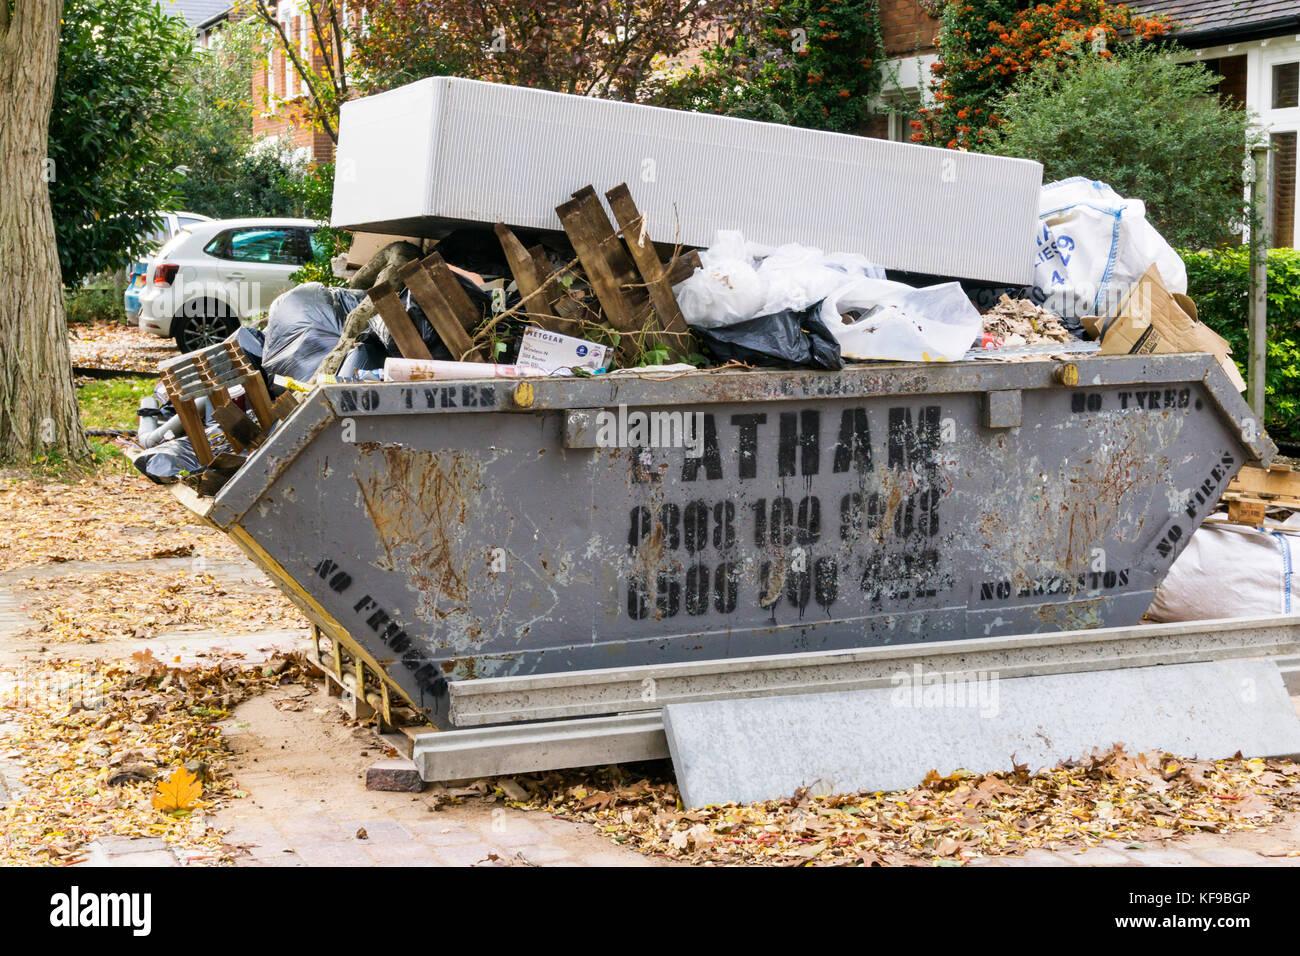 Un desperdicio completo saltar con un colchón viejo en la parte superior de éste. Imagen De Stock